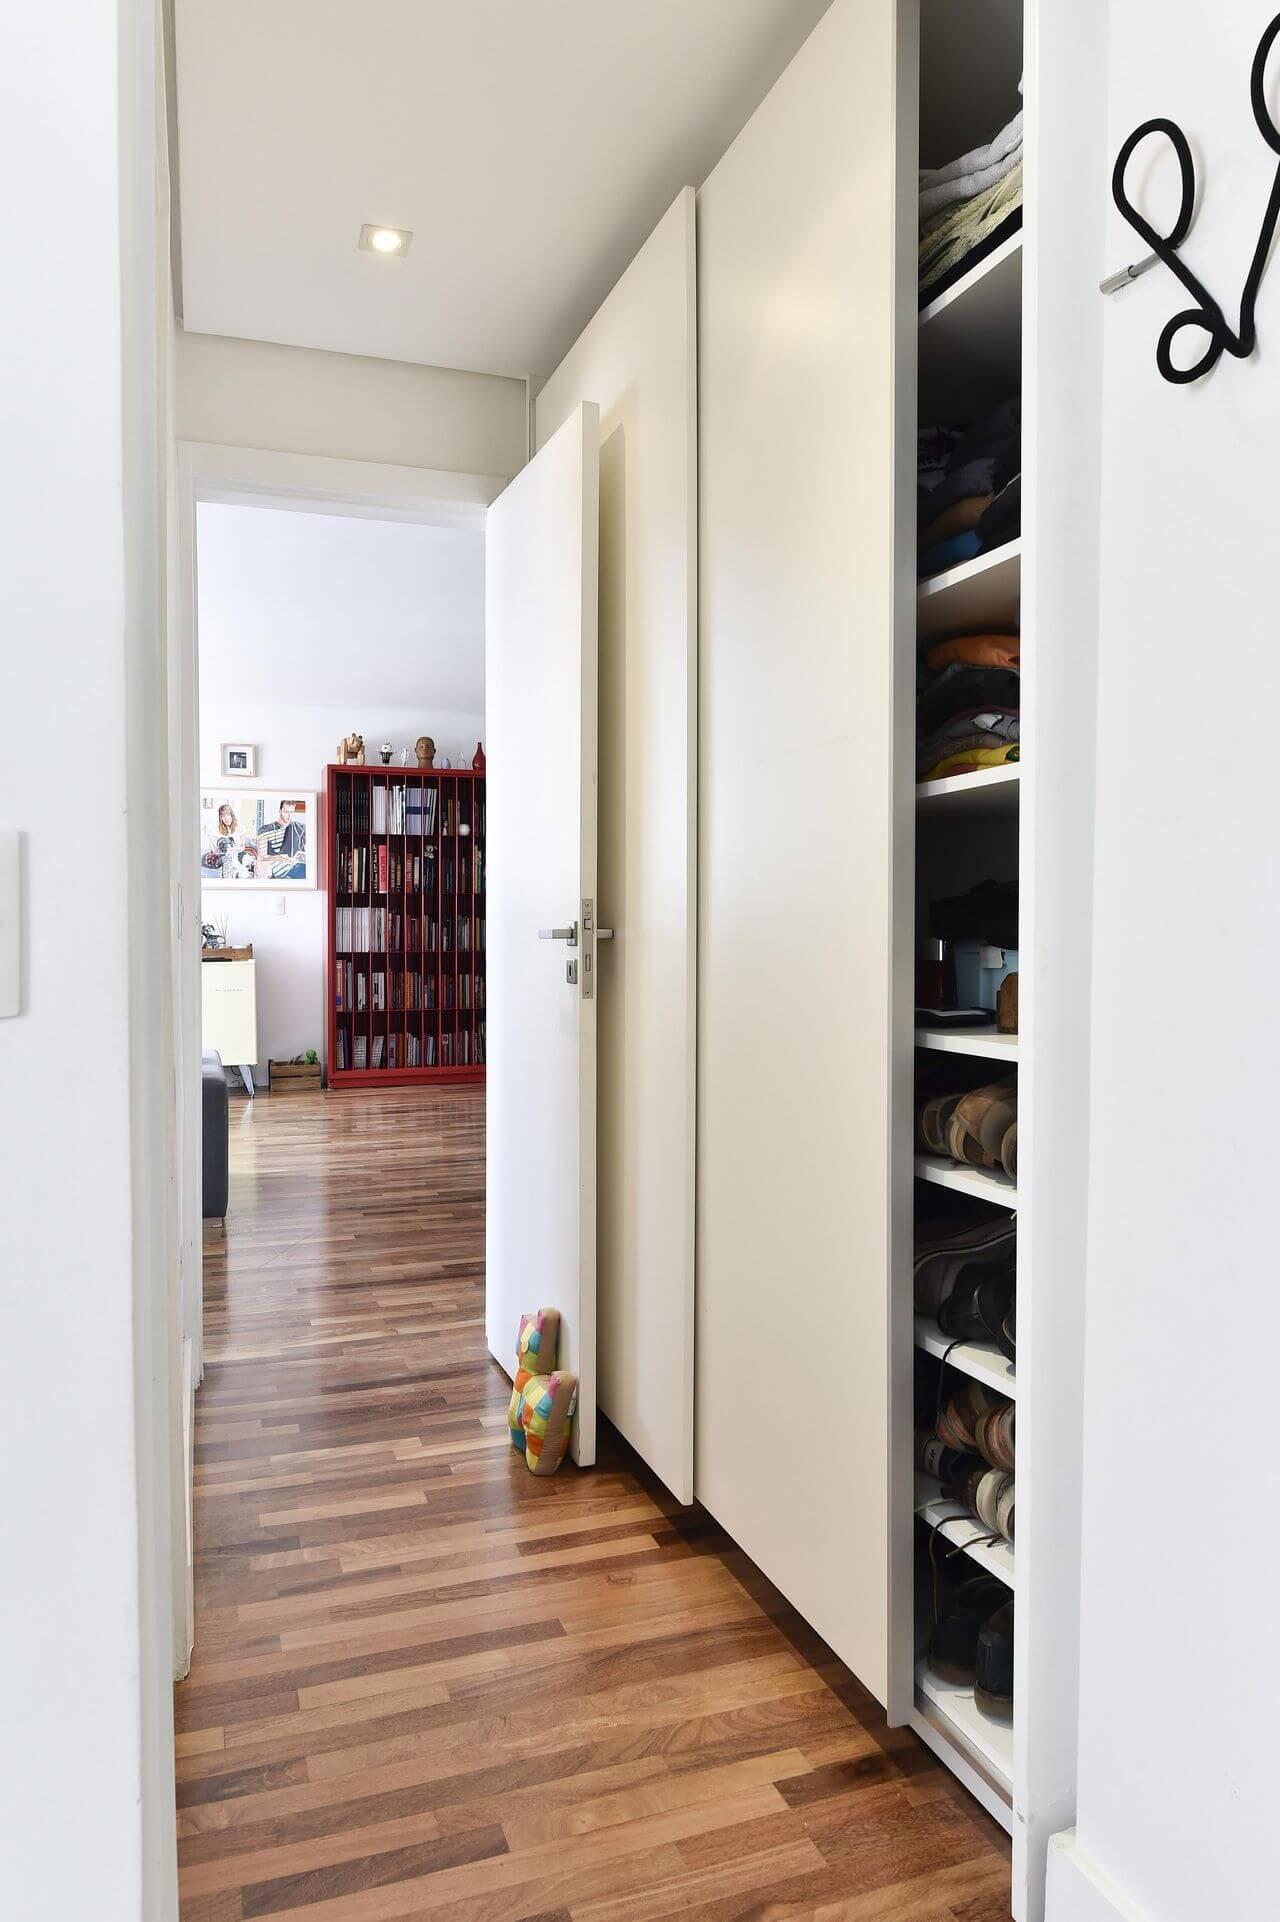 Casa com o mesmo piso de madeira em vários ambientes Projeto de Carla Cuono